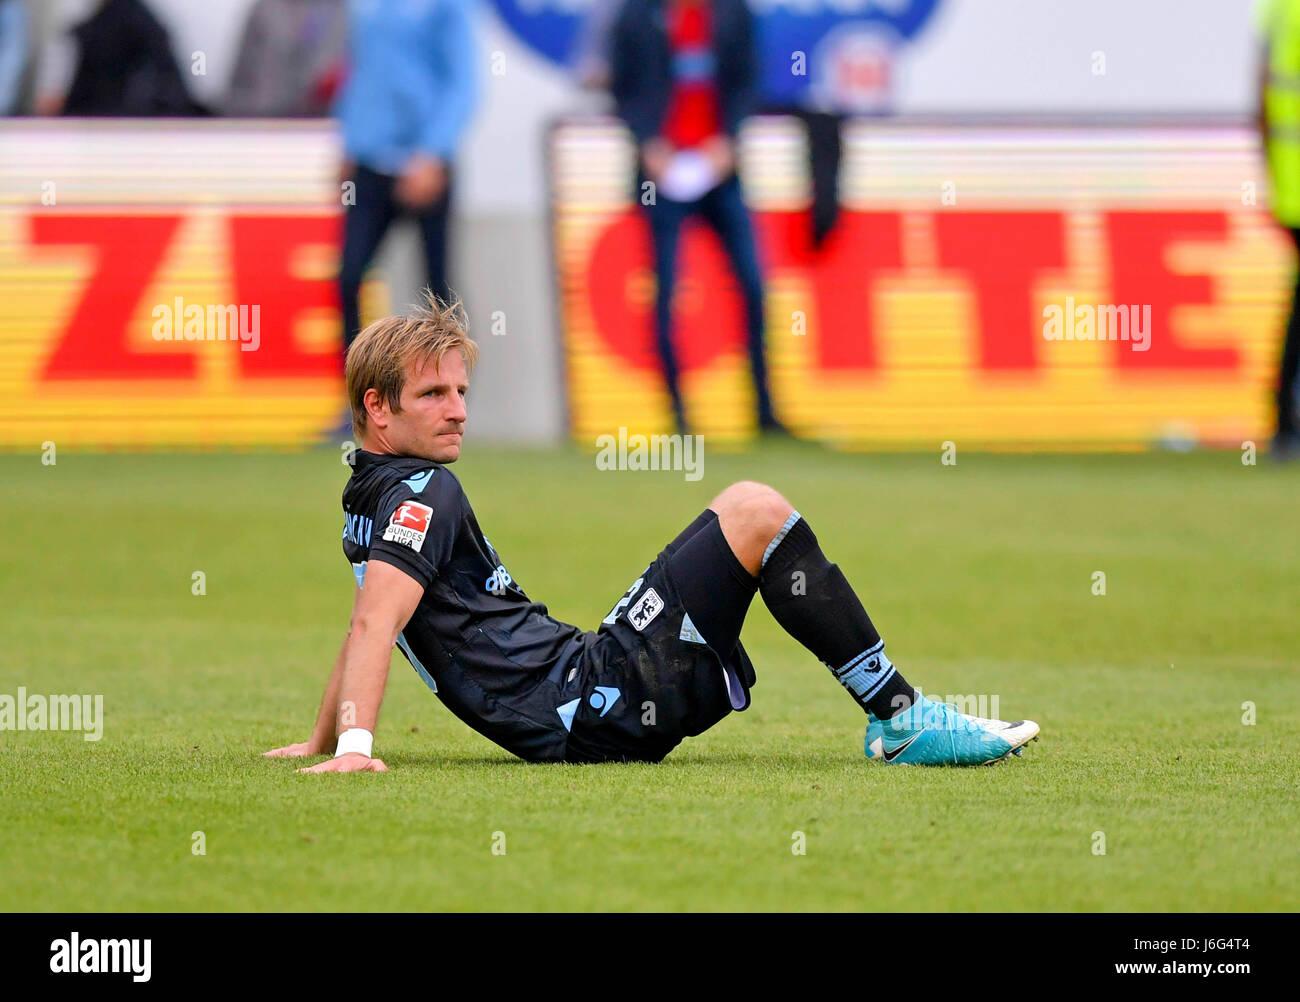 21052017 Fussball 2 Bundesliga 20162017 34spieltag 1fc